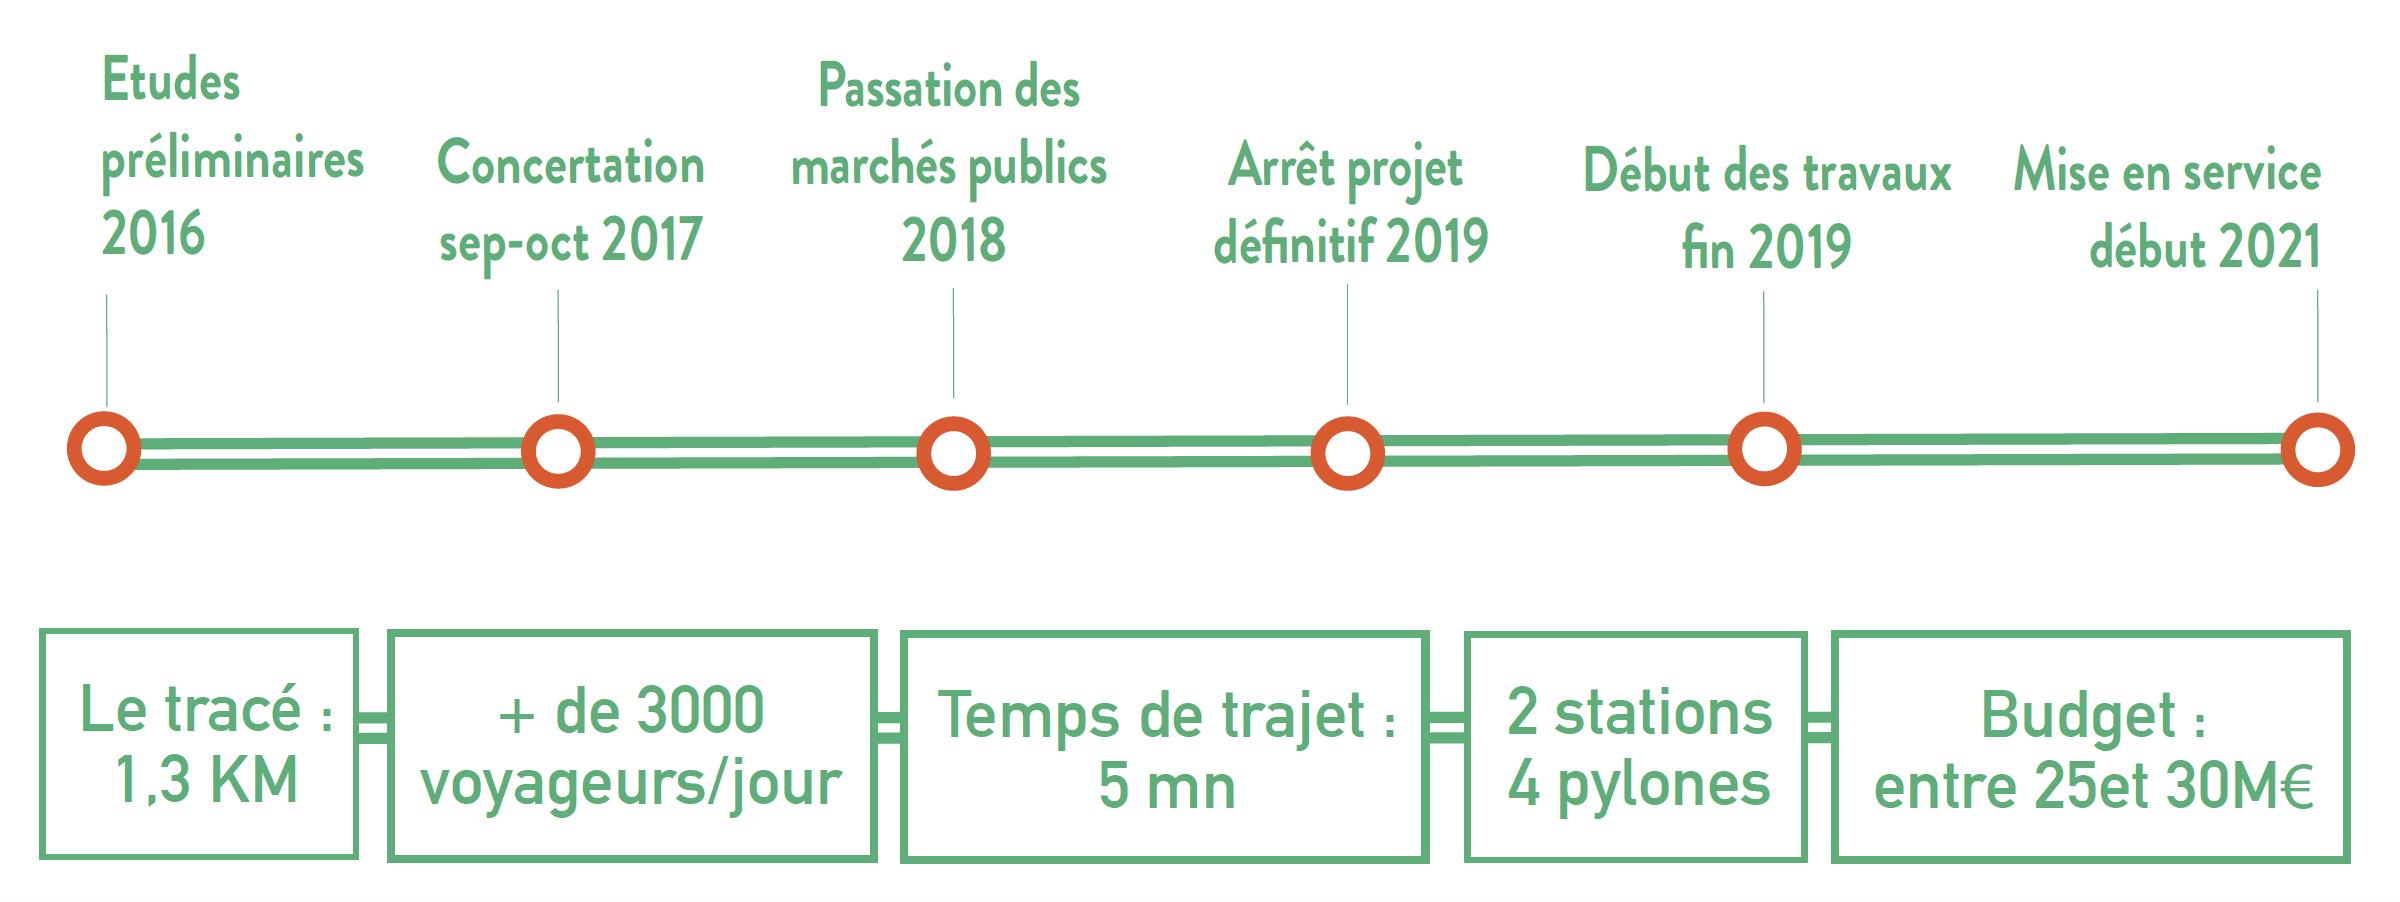 Planning-télépherique-bellepierre-la-montagne